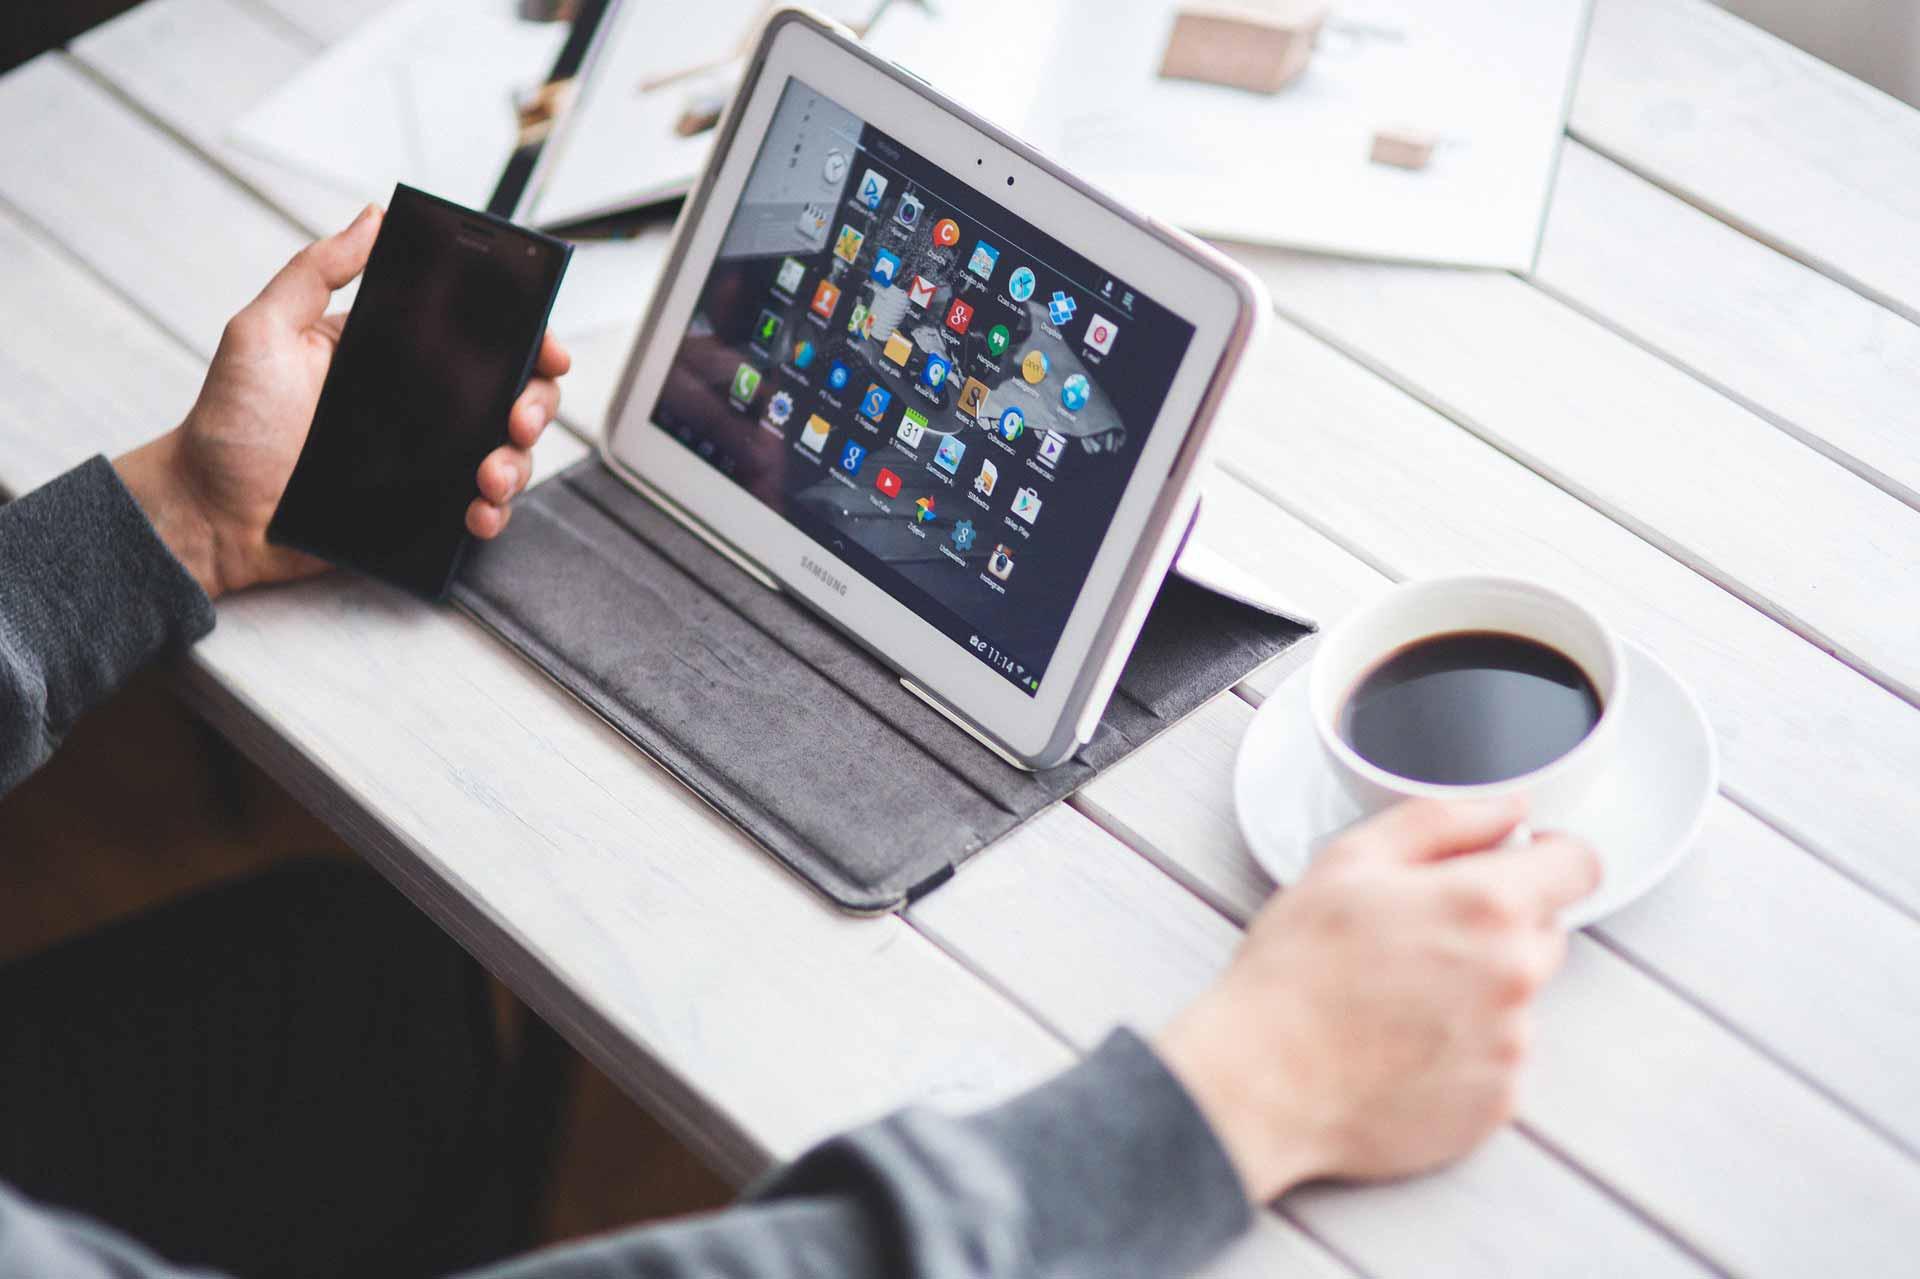 Вебинар: Интернет-маркетинг для малого бизнеса, основные инструменты и стратегии